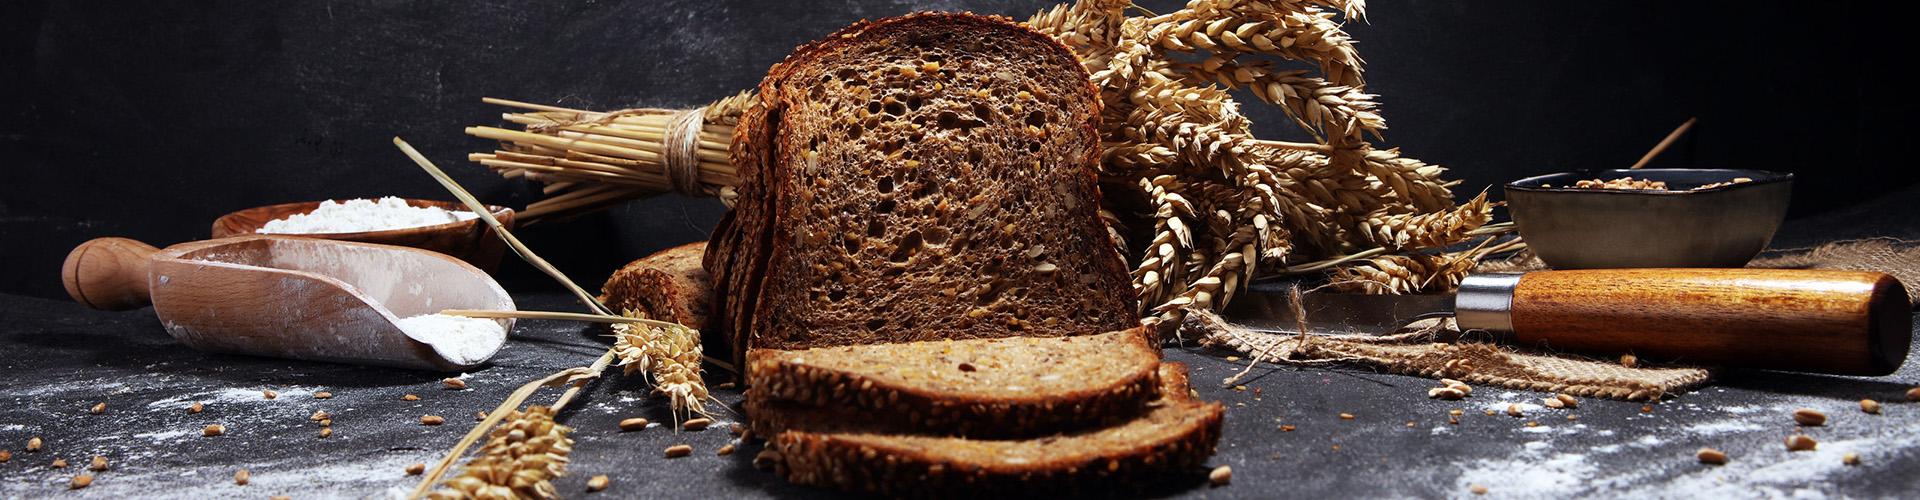 Brot in der Bäckerei Körner